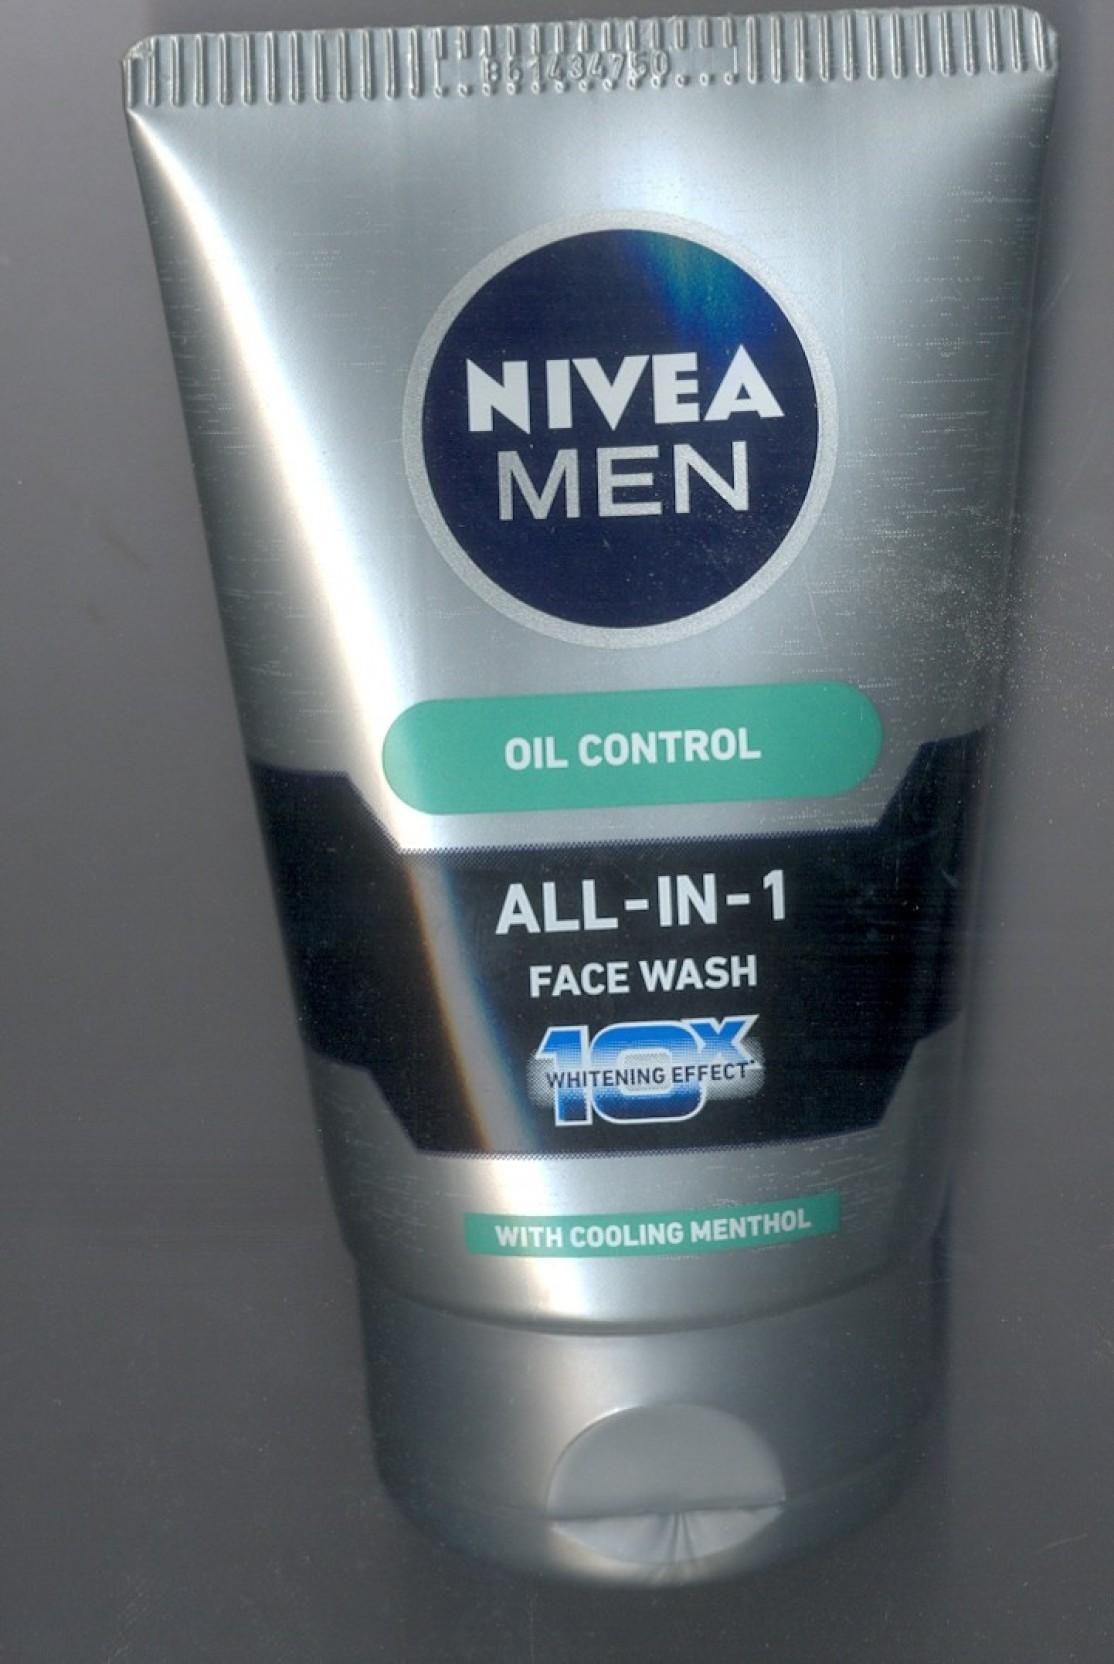 Nivea Men Oil Control All-in-1 10x Whitening Effect Face ... Nivea Face Wash For Men Oil Control